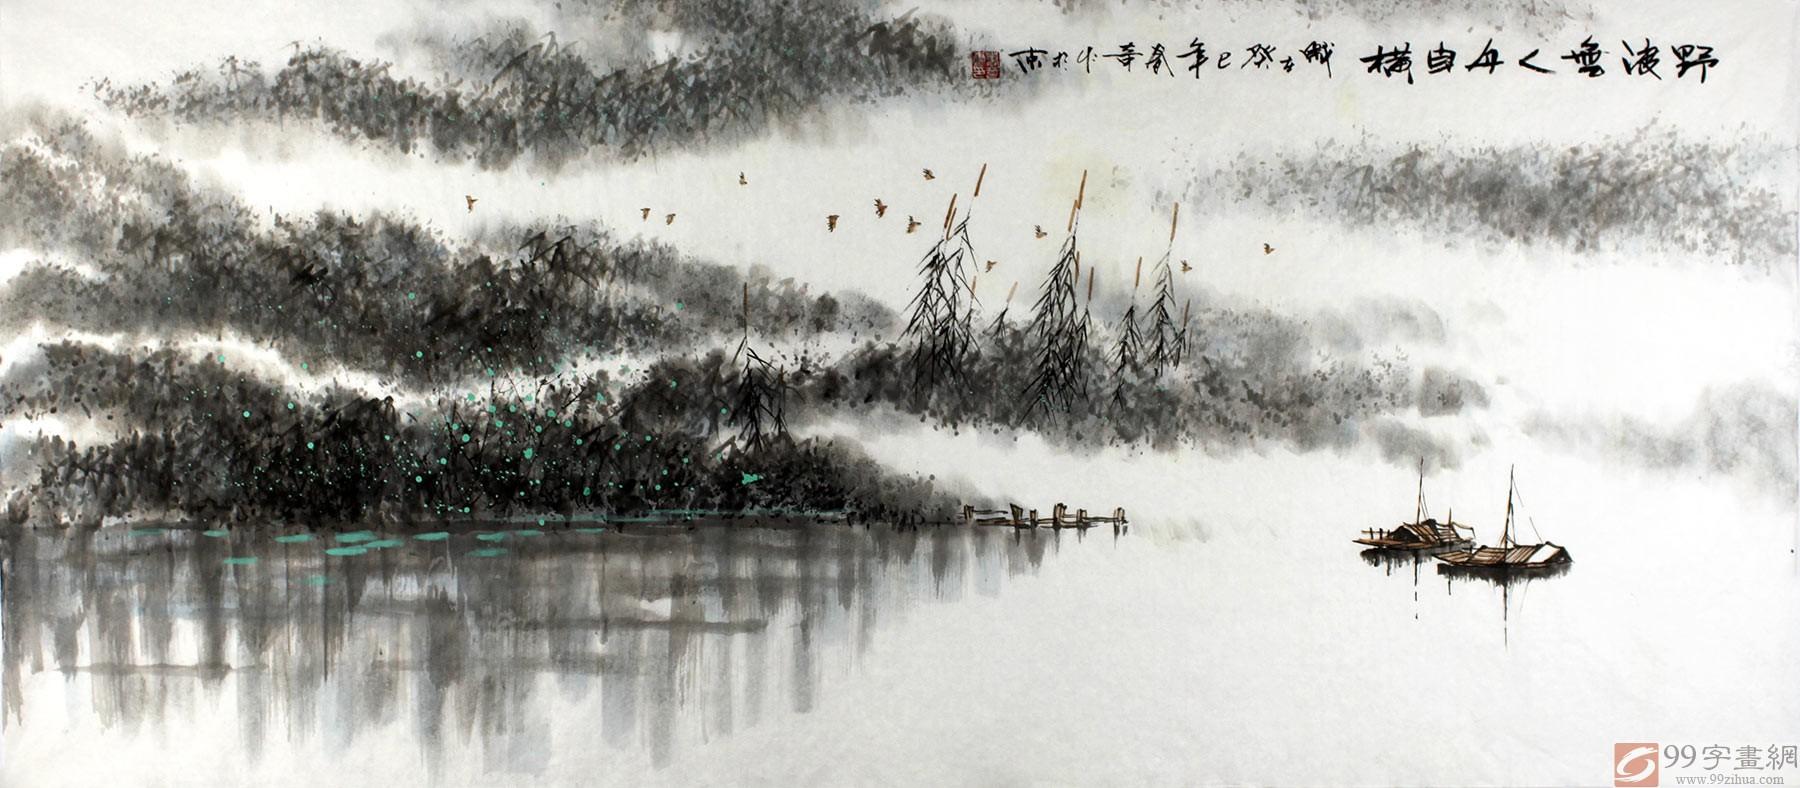 【已售】北京美协张春奇四尺写意山水画《野渡无人舟自横》